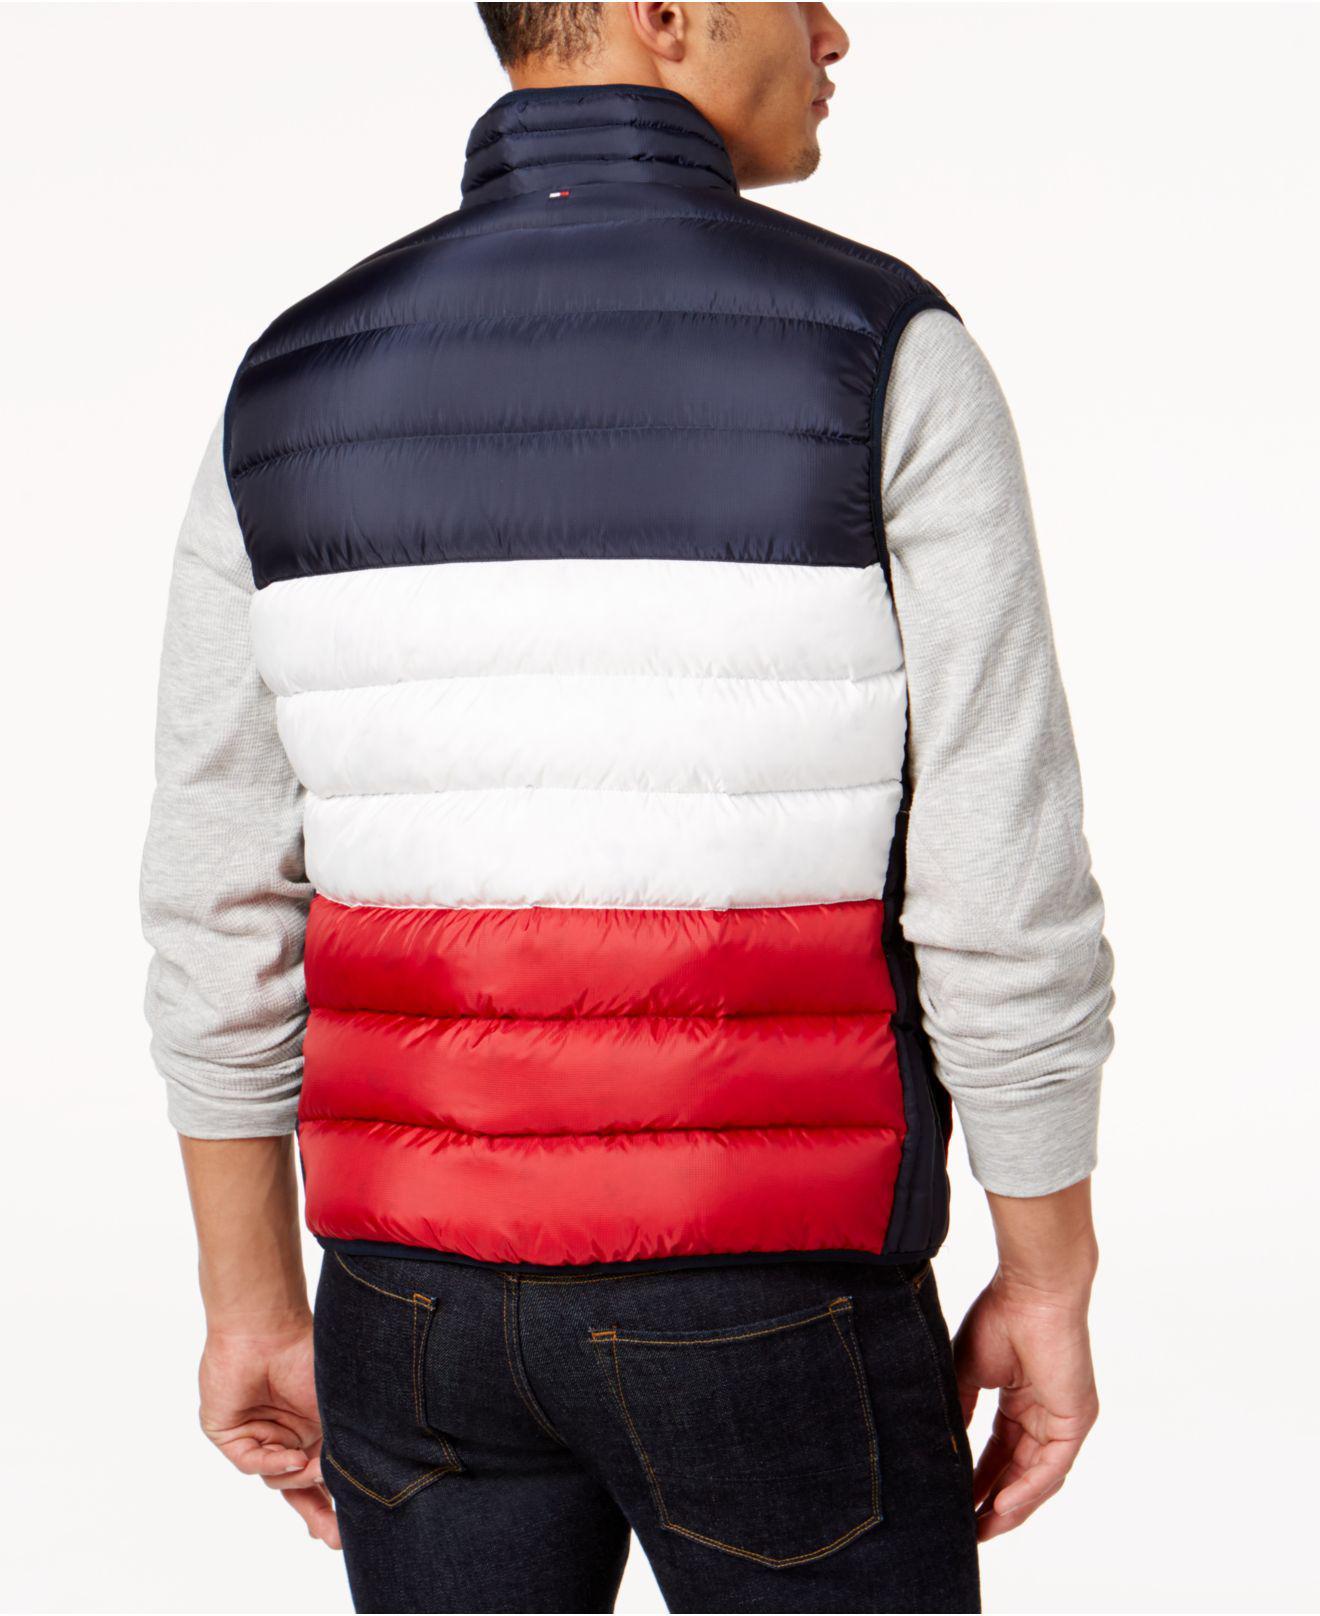 aca68a7476860 Lyst - Tommy Hilfiger Men s Hooper Reversible Vest in Blue for Men